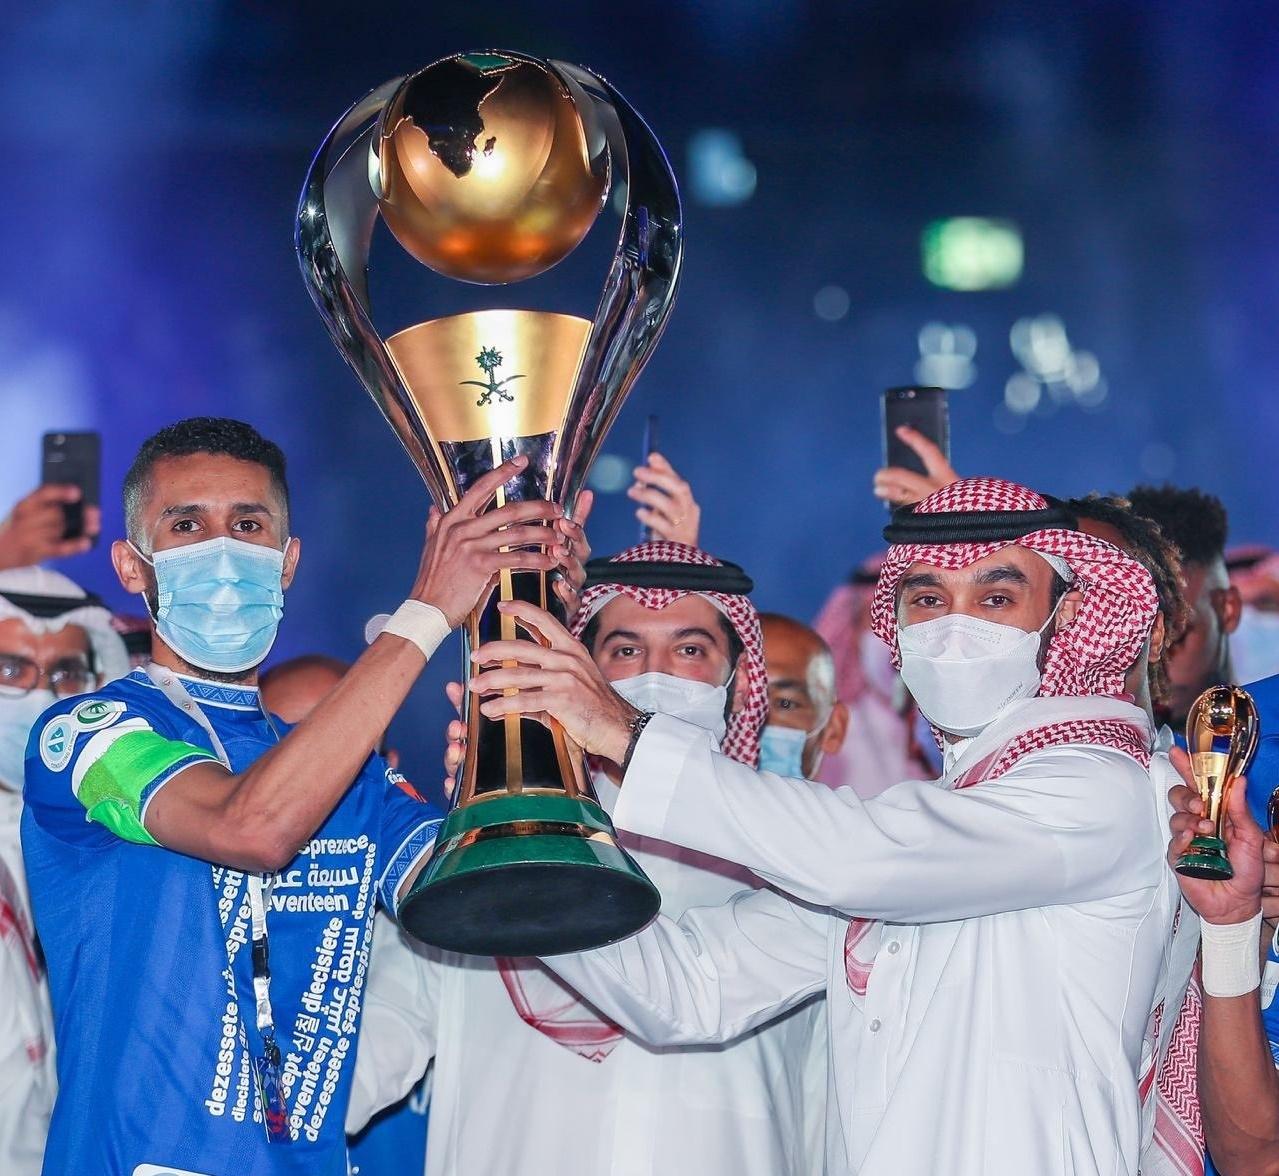 رسميًا.. الدوري السعودي للمحترفين 2021-2022 ينطلق في 11 أغسطس